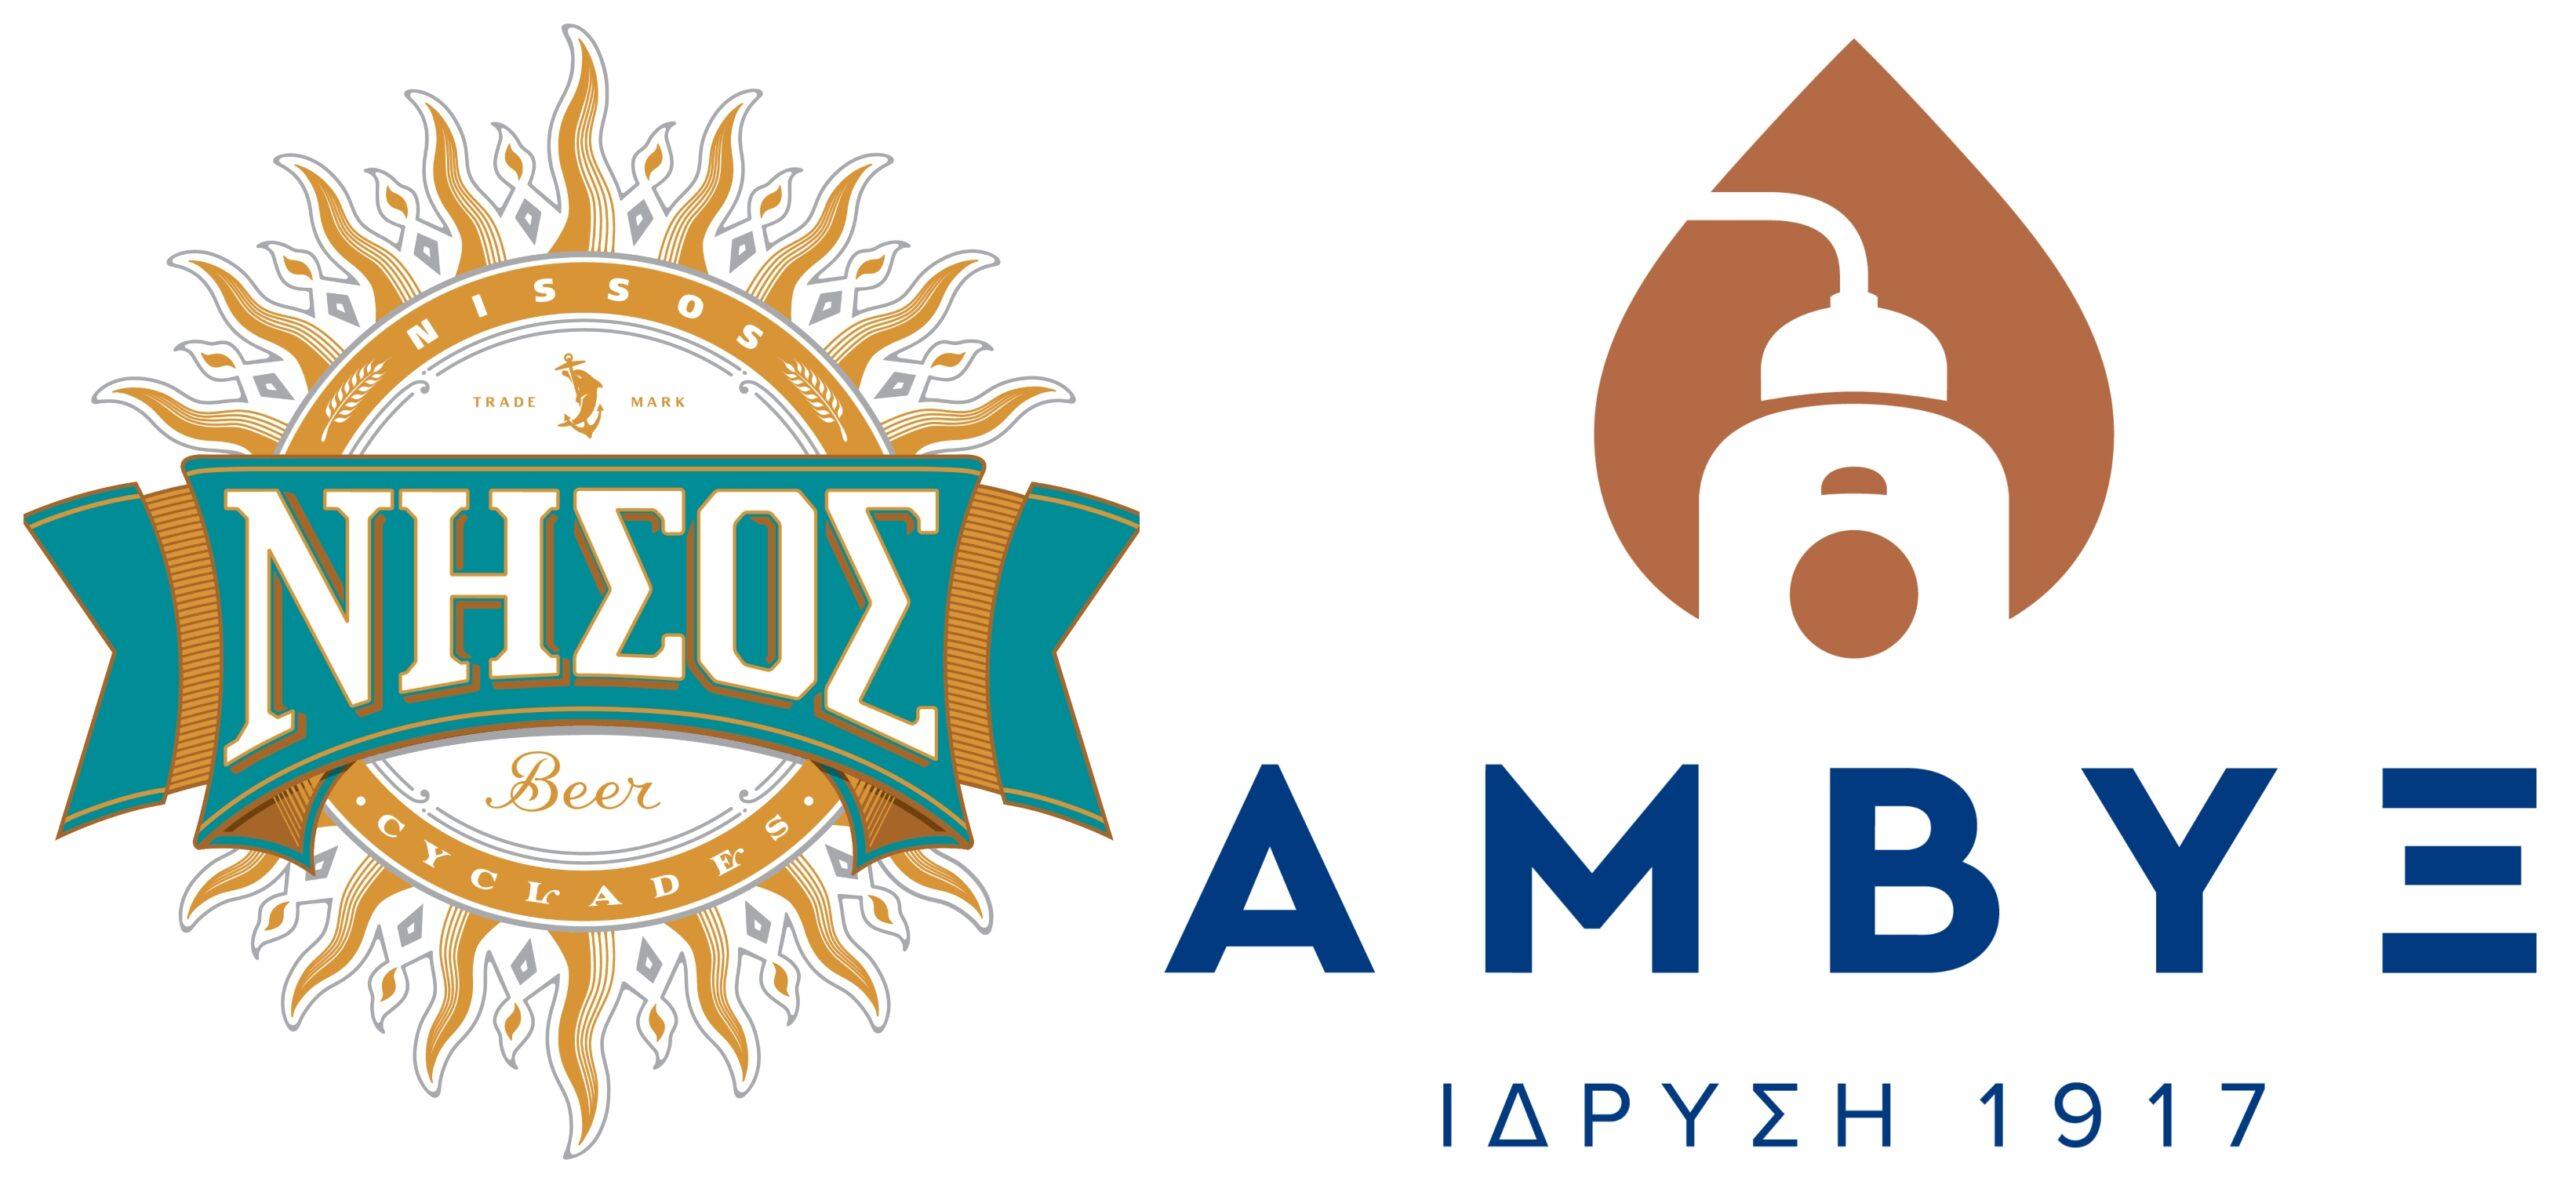 Amvyx «Πορεία σε Αχαρτογράφητα Nερά» Διαδικτυακή Συζήτηση για την επόμενη ημέρα των επιχειρήσεων.